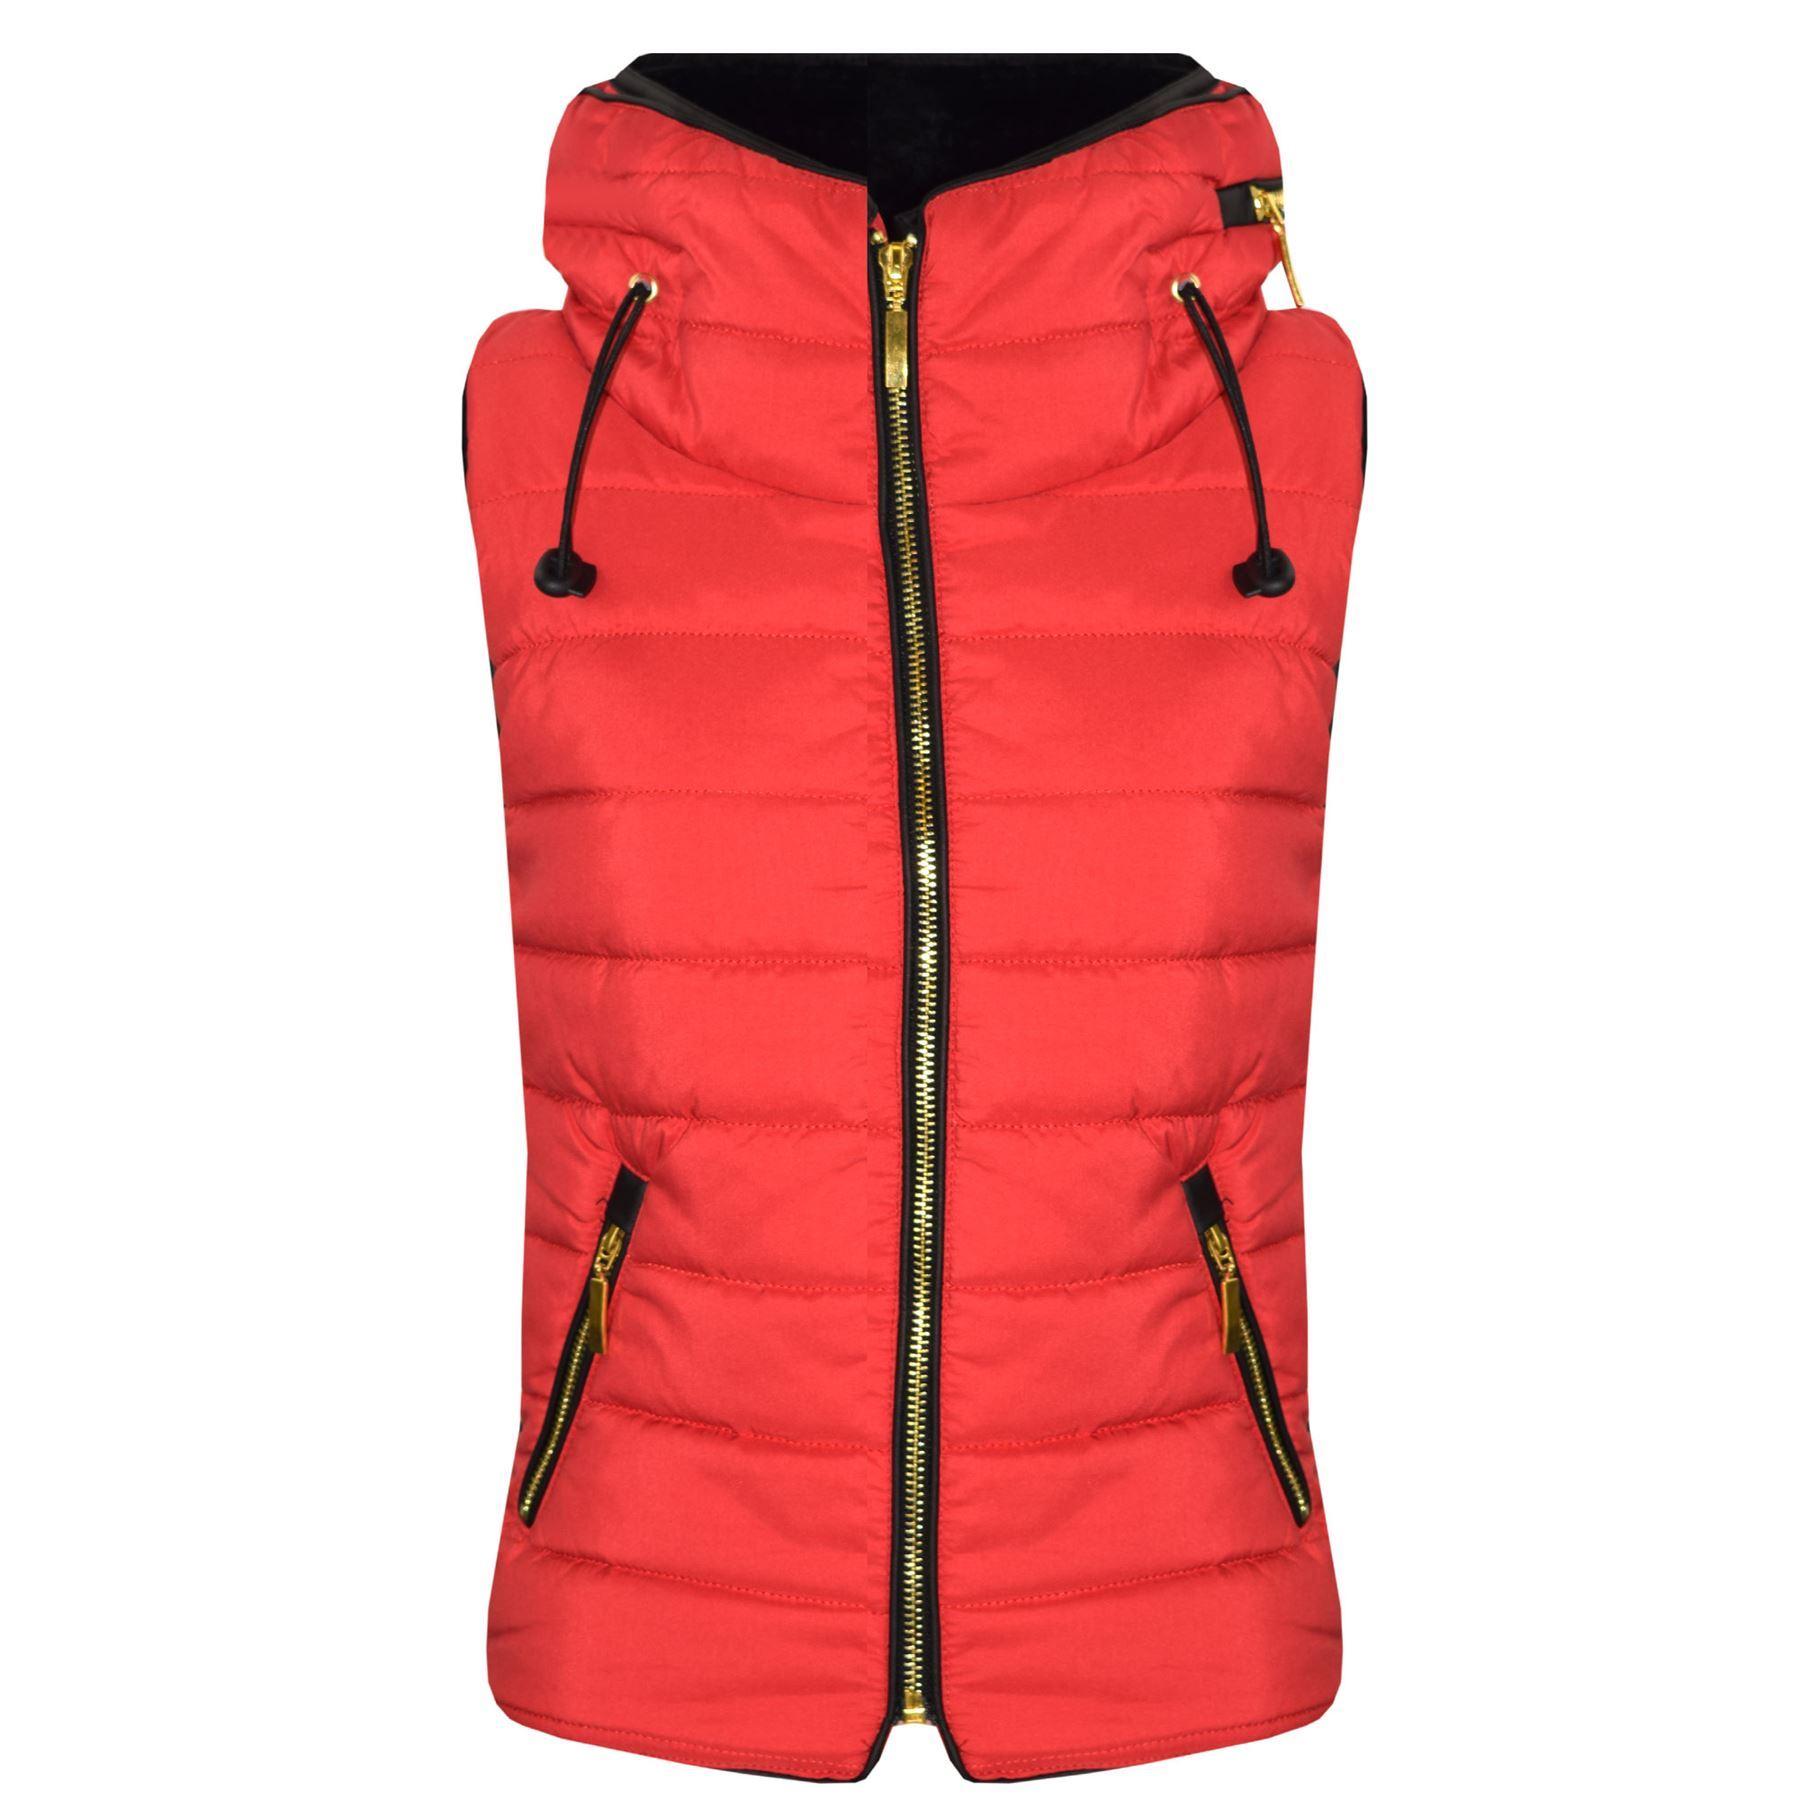 Enfants-Filles-Garcons-Rouge-Gilet-bulle-sans-manches-a-capuche-gilets-Corps-Plus-chaud-vestes